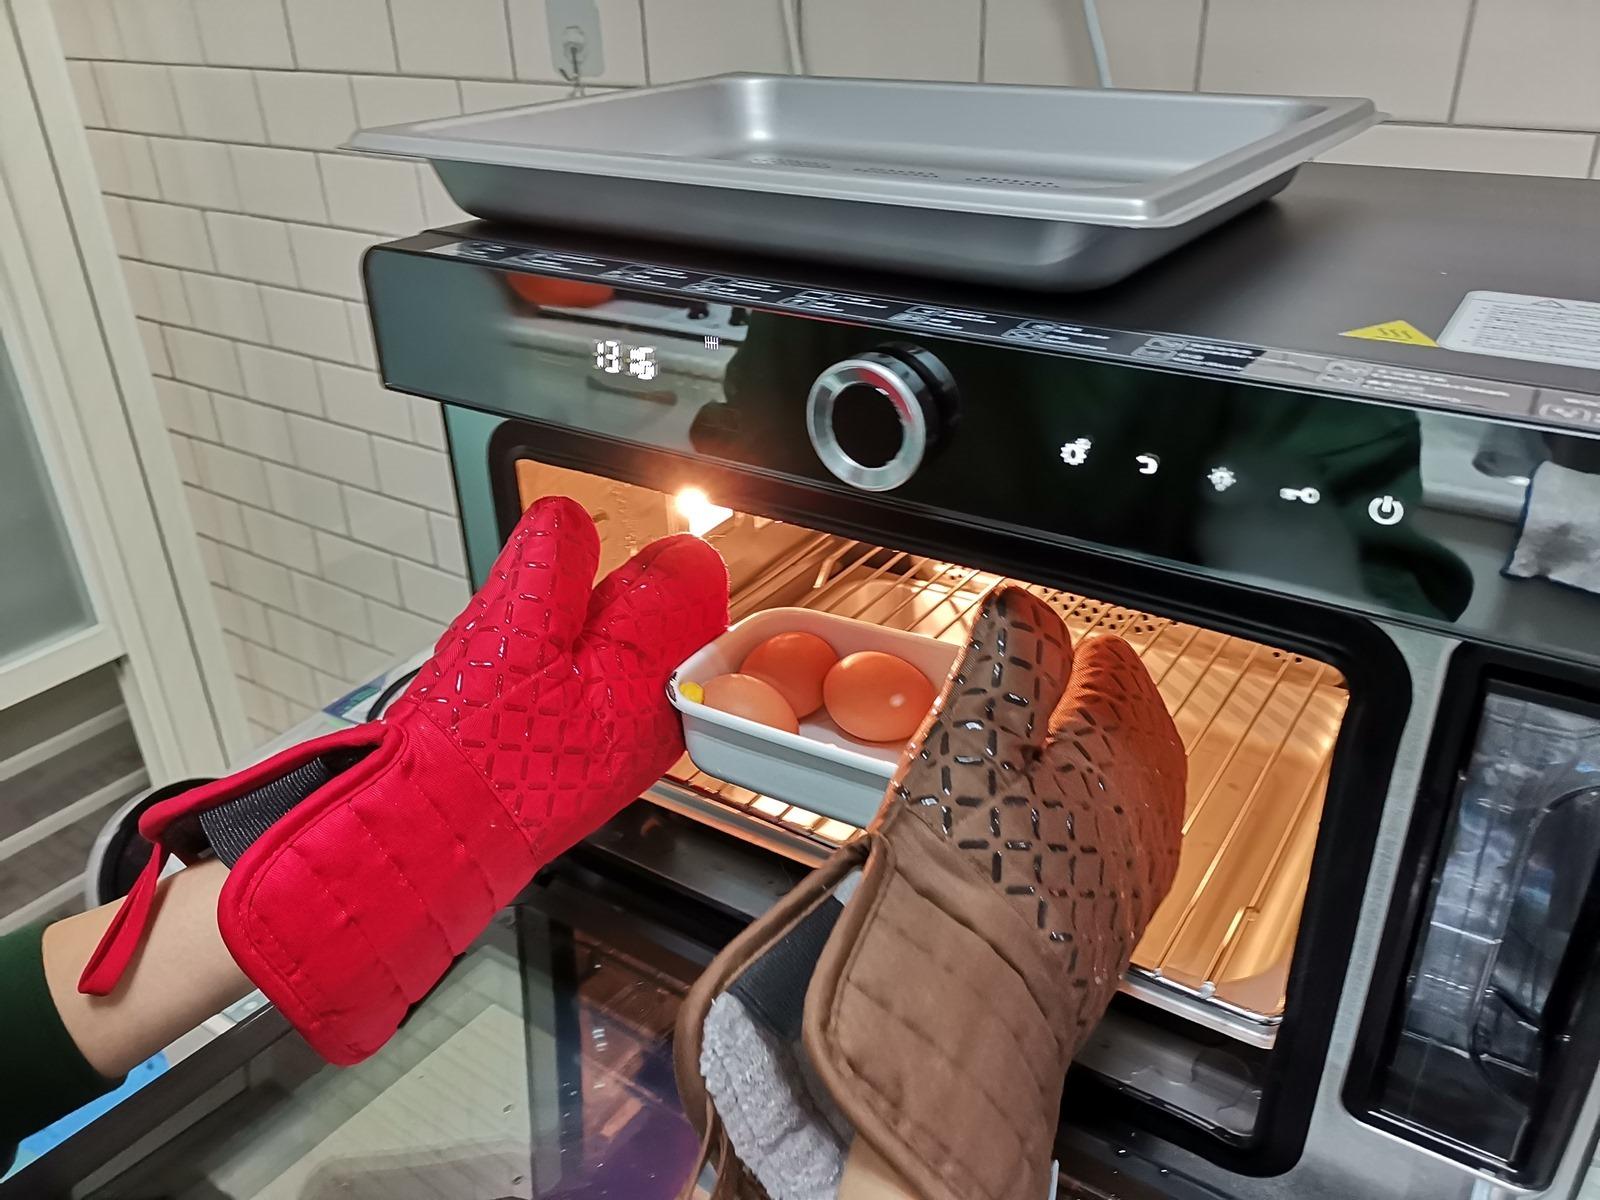 好操作!全能烹調!鏡面美型『惠而浦 WSO3200B 全能蒸烤爐』開箱分享 & 還很好清潔 @3C 達人廖阿輝